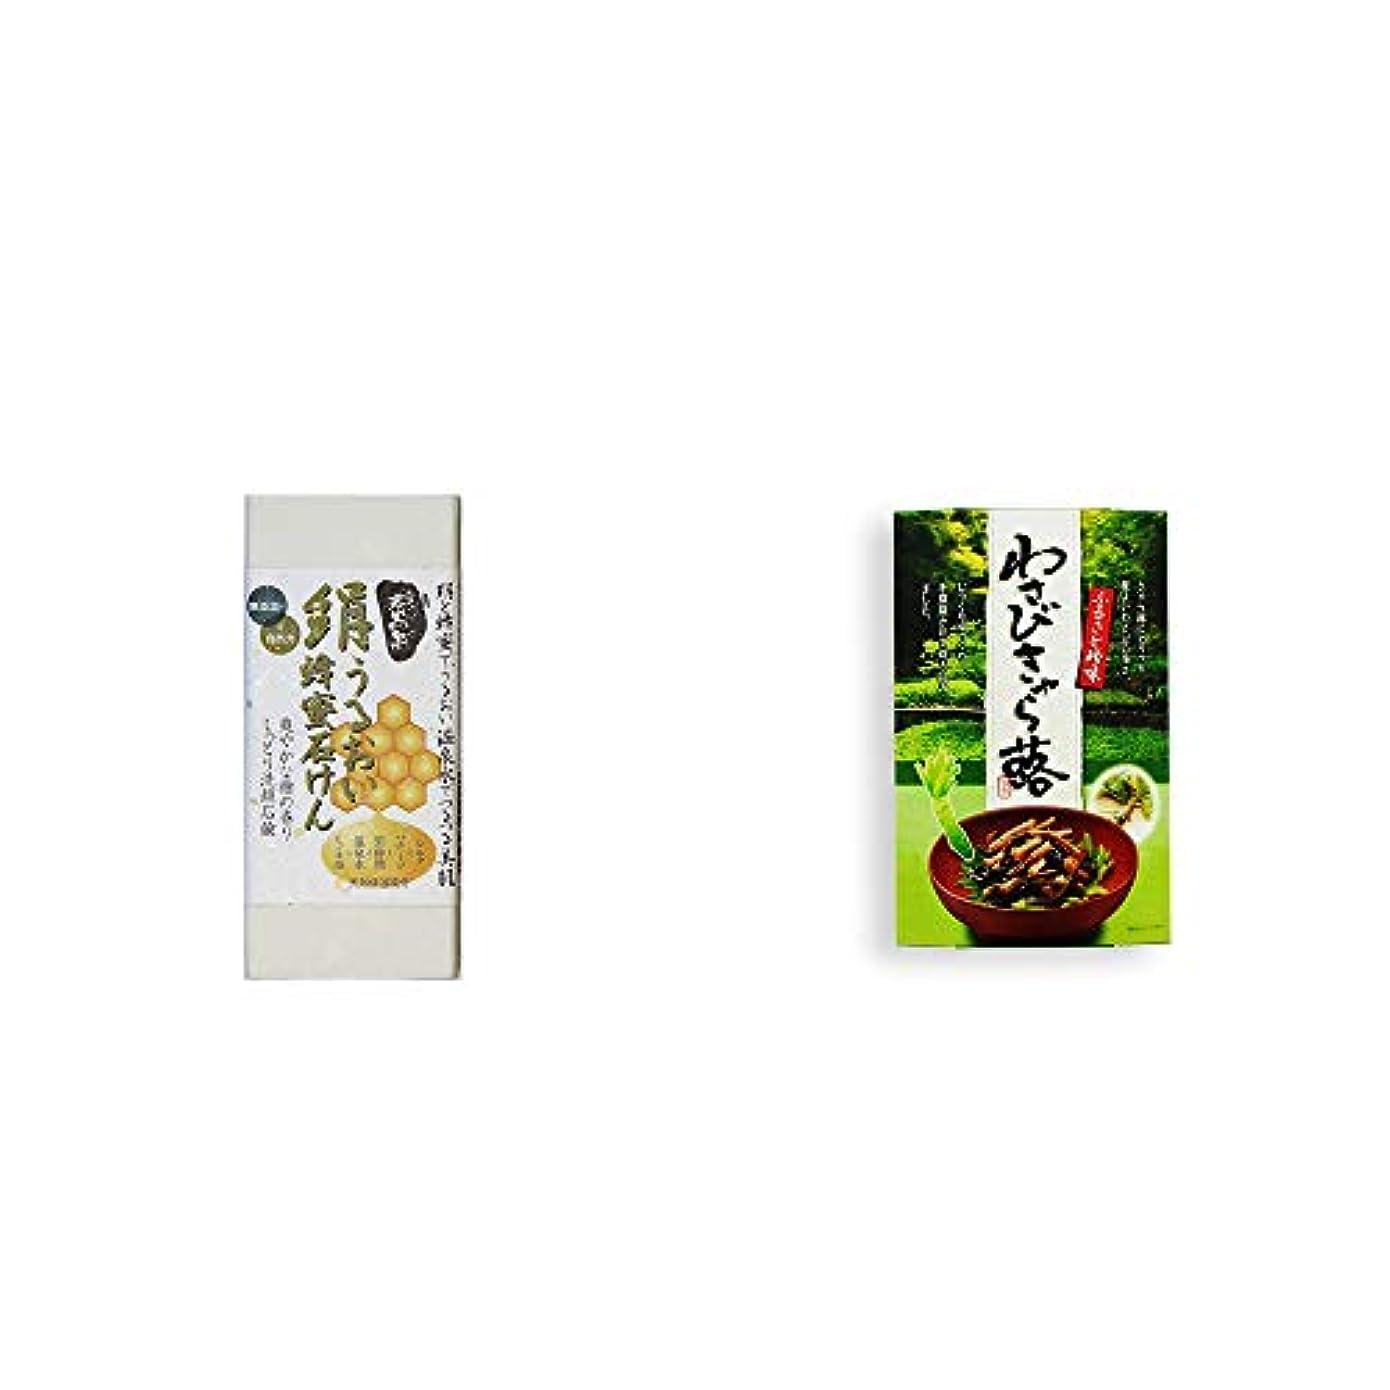 飼料バナー震える[2点セット] ひのき炭黒泉 絹うるおい蜂蜜石けん(75g×2)?わさびきゃら蕗(180g)